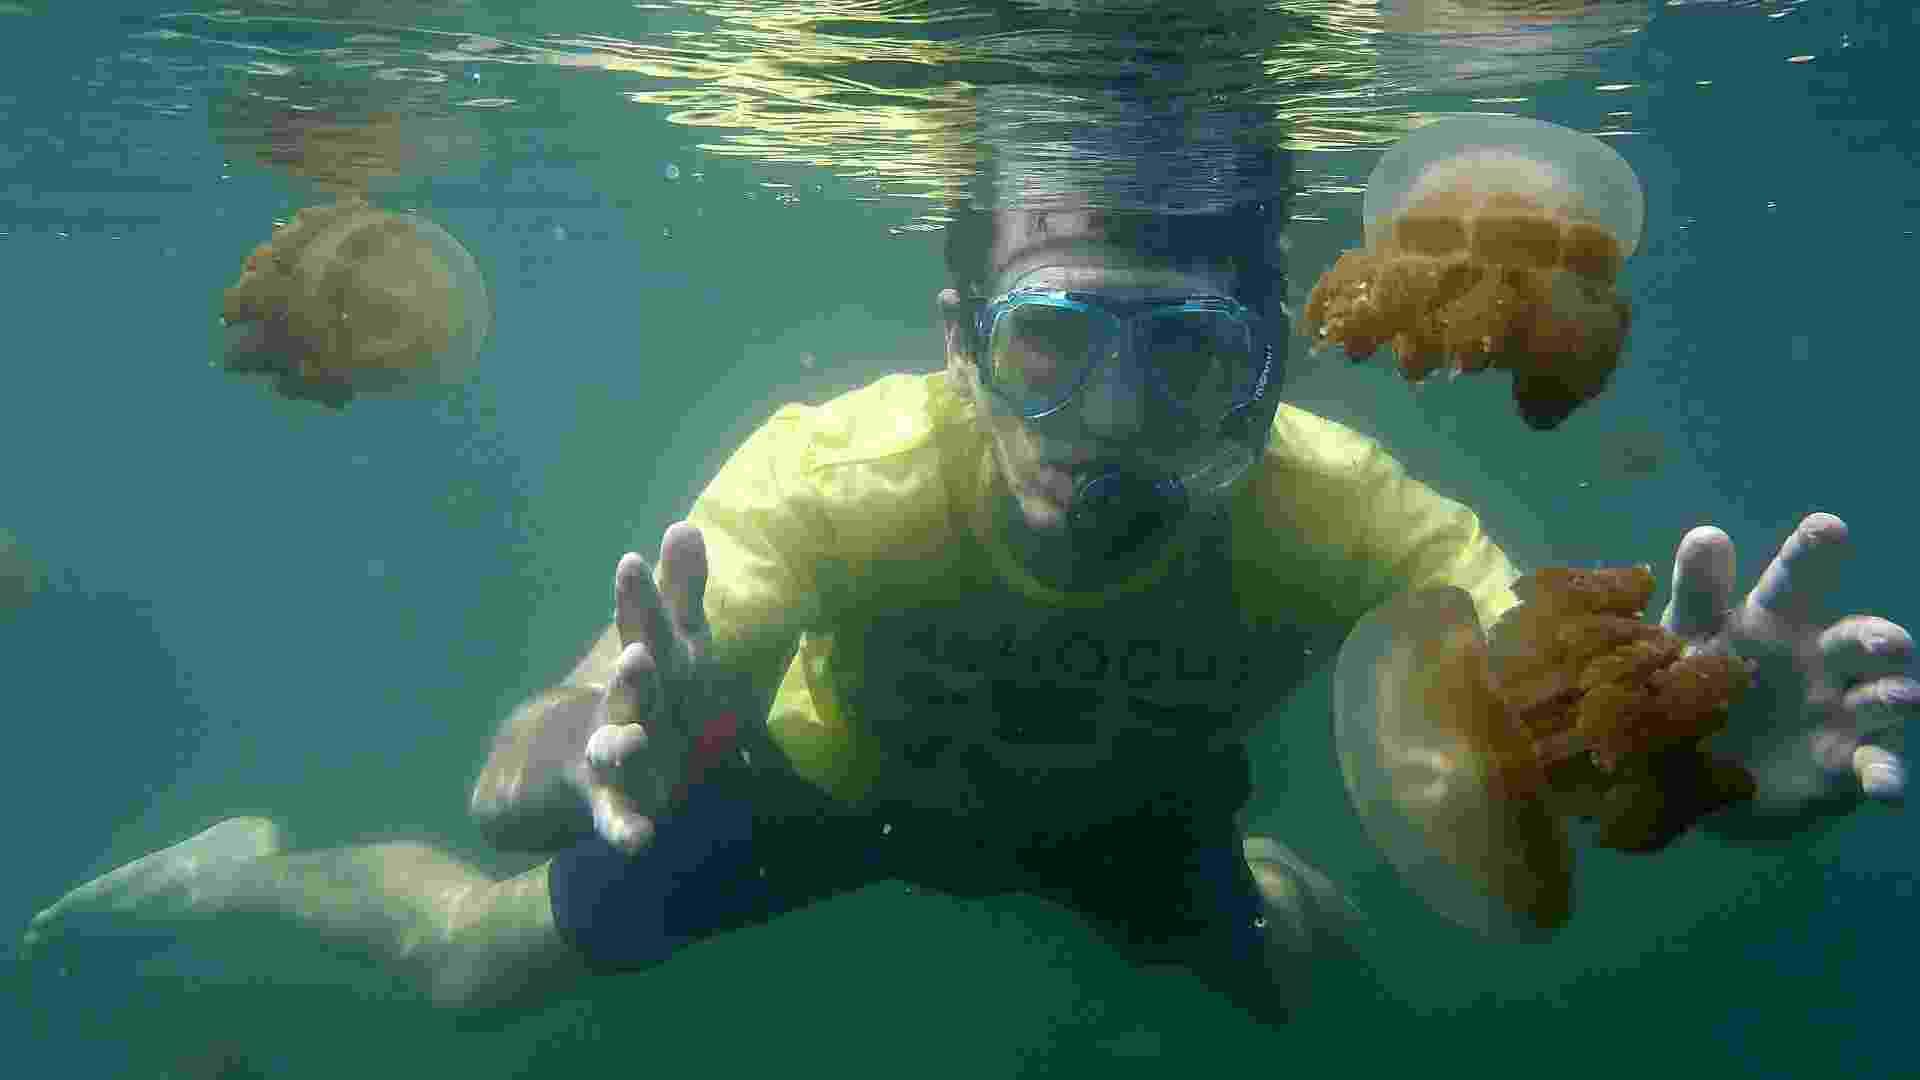 21.jan.2013 - Turista é cercado por águas-vivas não venenosas em lago de água salgada de Kakaban, que fica em uma região desabitada da ilha de Bornéu, na Indonésia. Os tentáculos desses animais perderam o poder tóxico e urticante depois que passaram a viver em um habitat sem espécies predadoras - Paula Regueira Leal/EFE